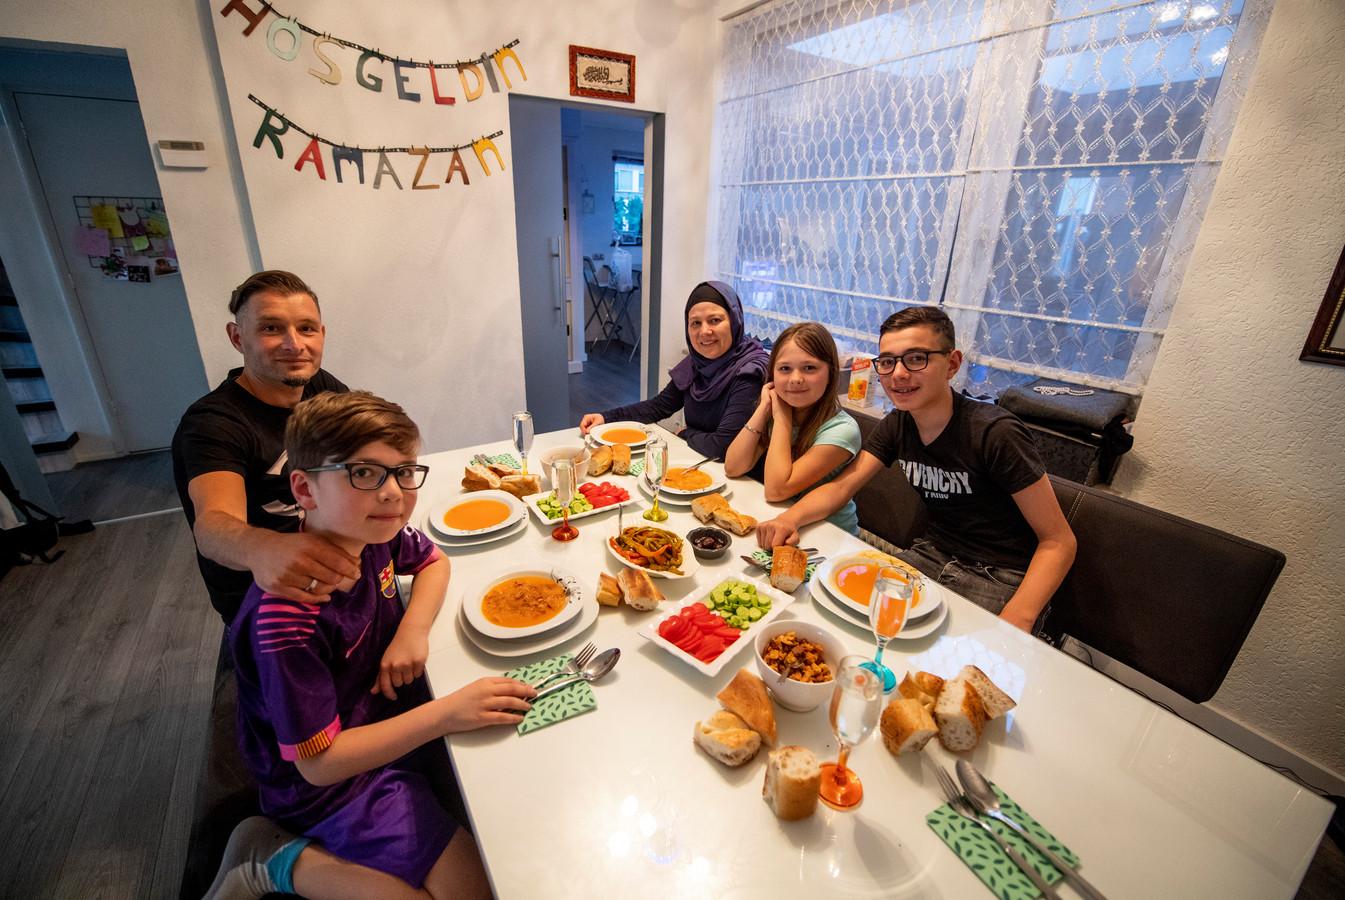 Zaterdagavond, even na half tien, zit de ramadan erop. Ook voor de familie Kandemir uit Hengelo. Van links naar rechts: vader Erkan, Basir, moeder Özlem, Elanur en Tugay.